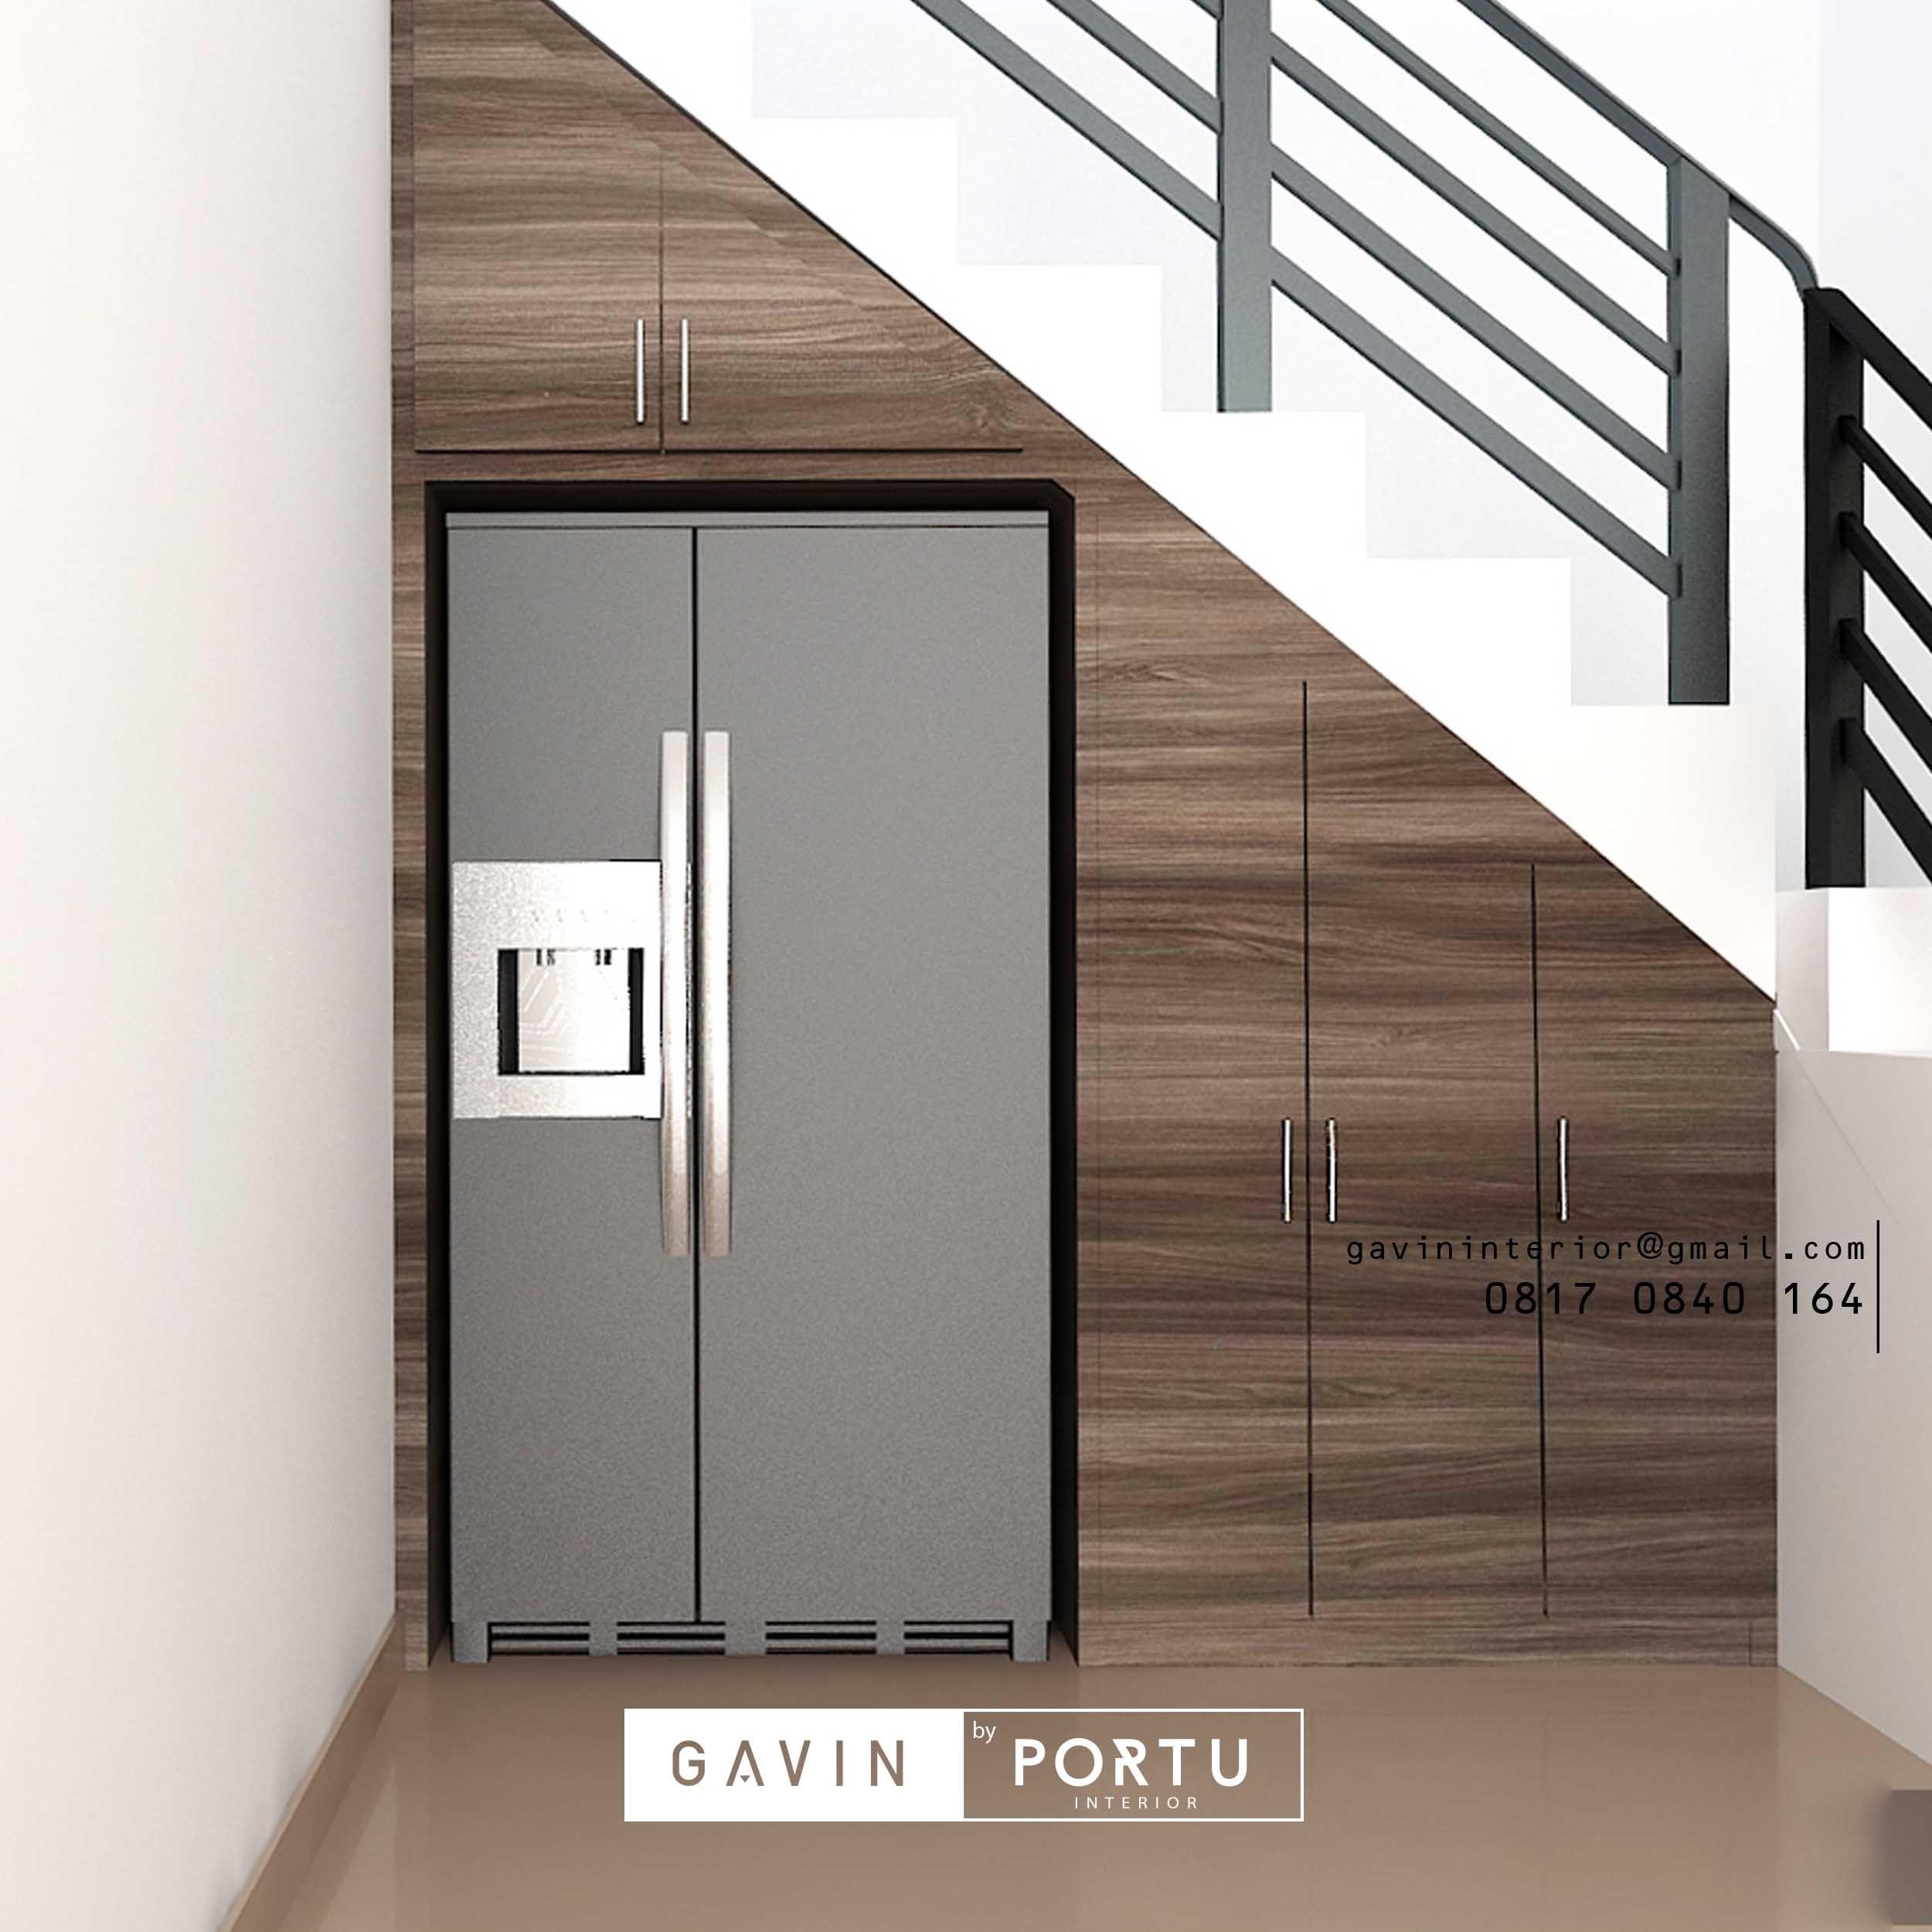 Lemari Di Bawah Tangga Sendiri Merupakan Lemari Yang Di Tempatkan Atau Di Buat Pada Bagian Bawah Tangga Dengan Ukuran Dan Juga B Stairs Design Home Decor Home Ruang bawah tangga rumah minimalis